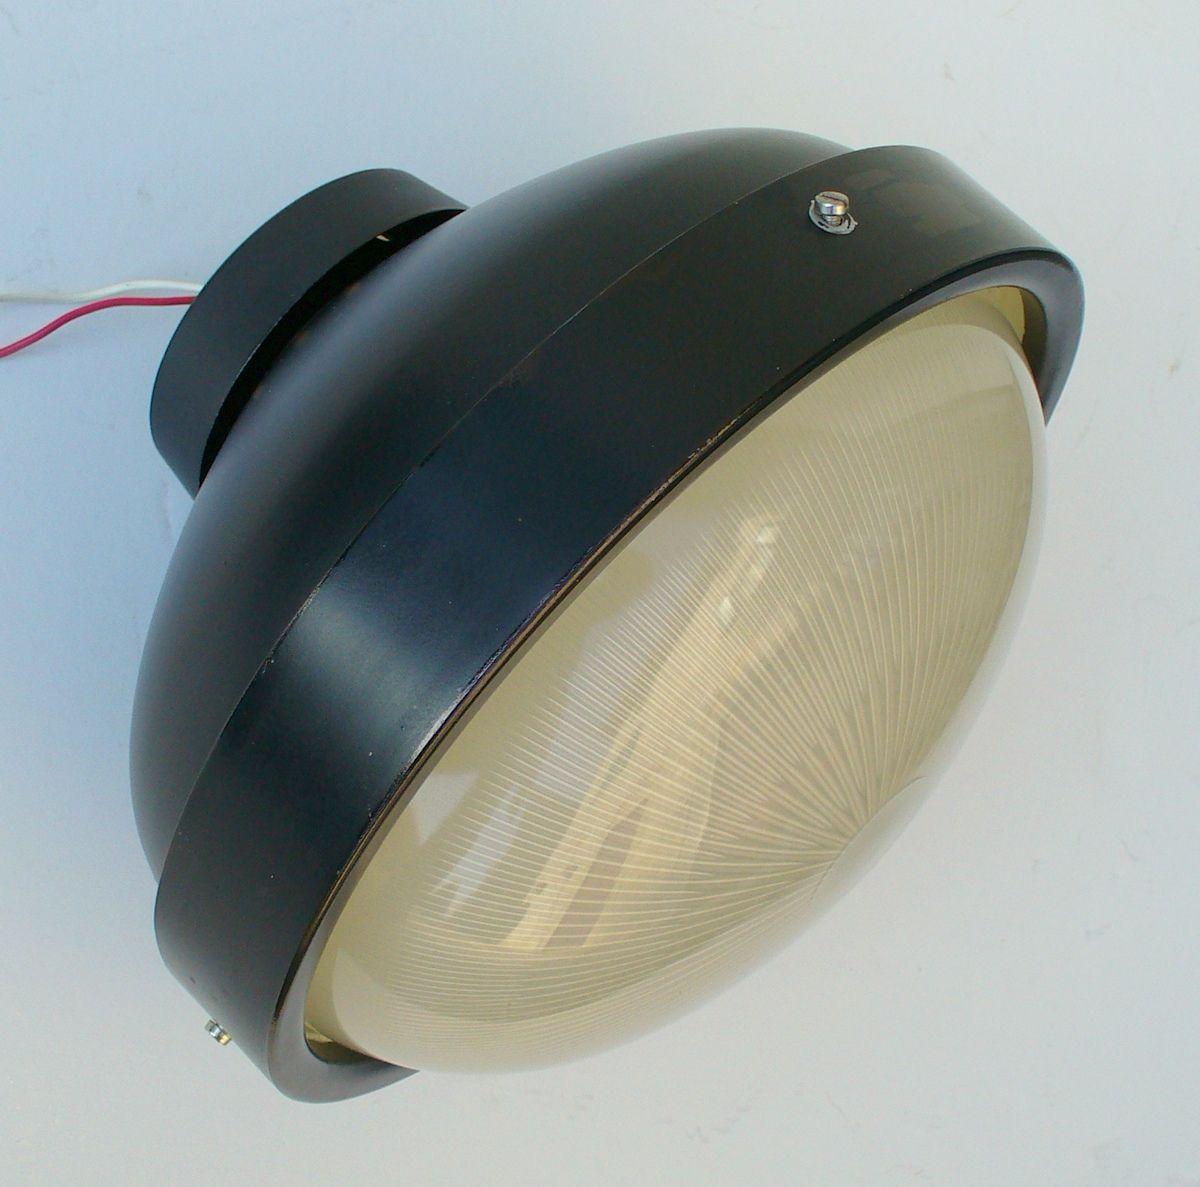 Deckenlampe von gino sarfatti f r arteluce 1960 bei for Innenarchitektur 1960